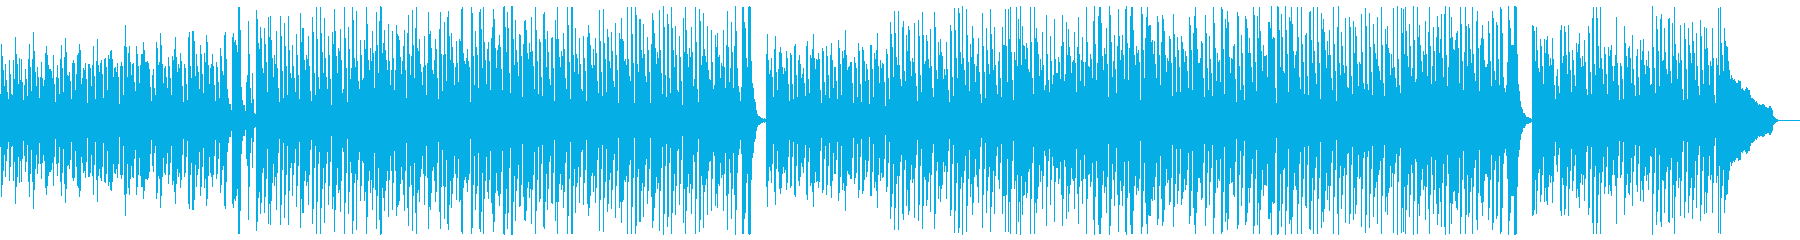 ポップピアノレクリエーション:高音弦無の再生済みの波形